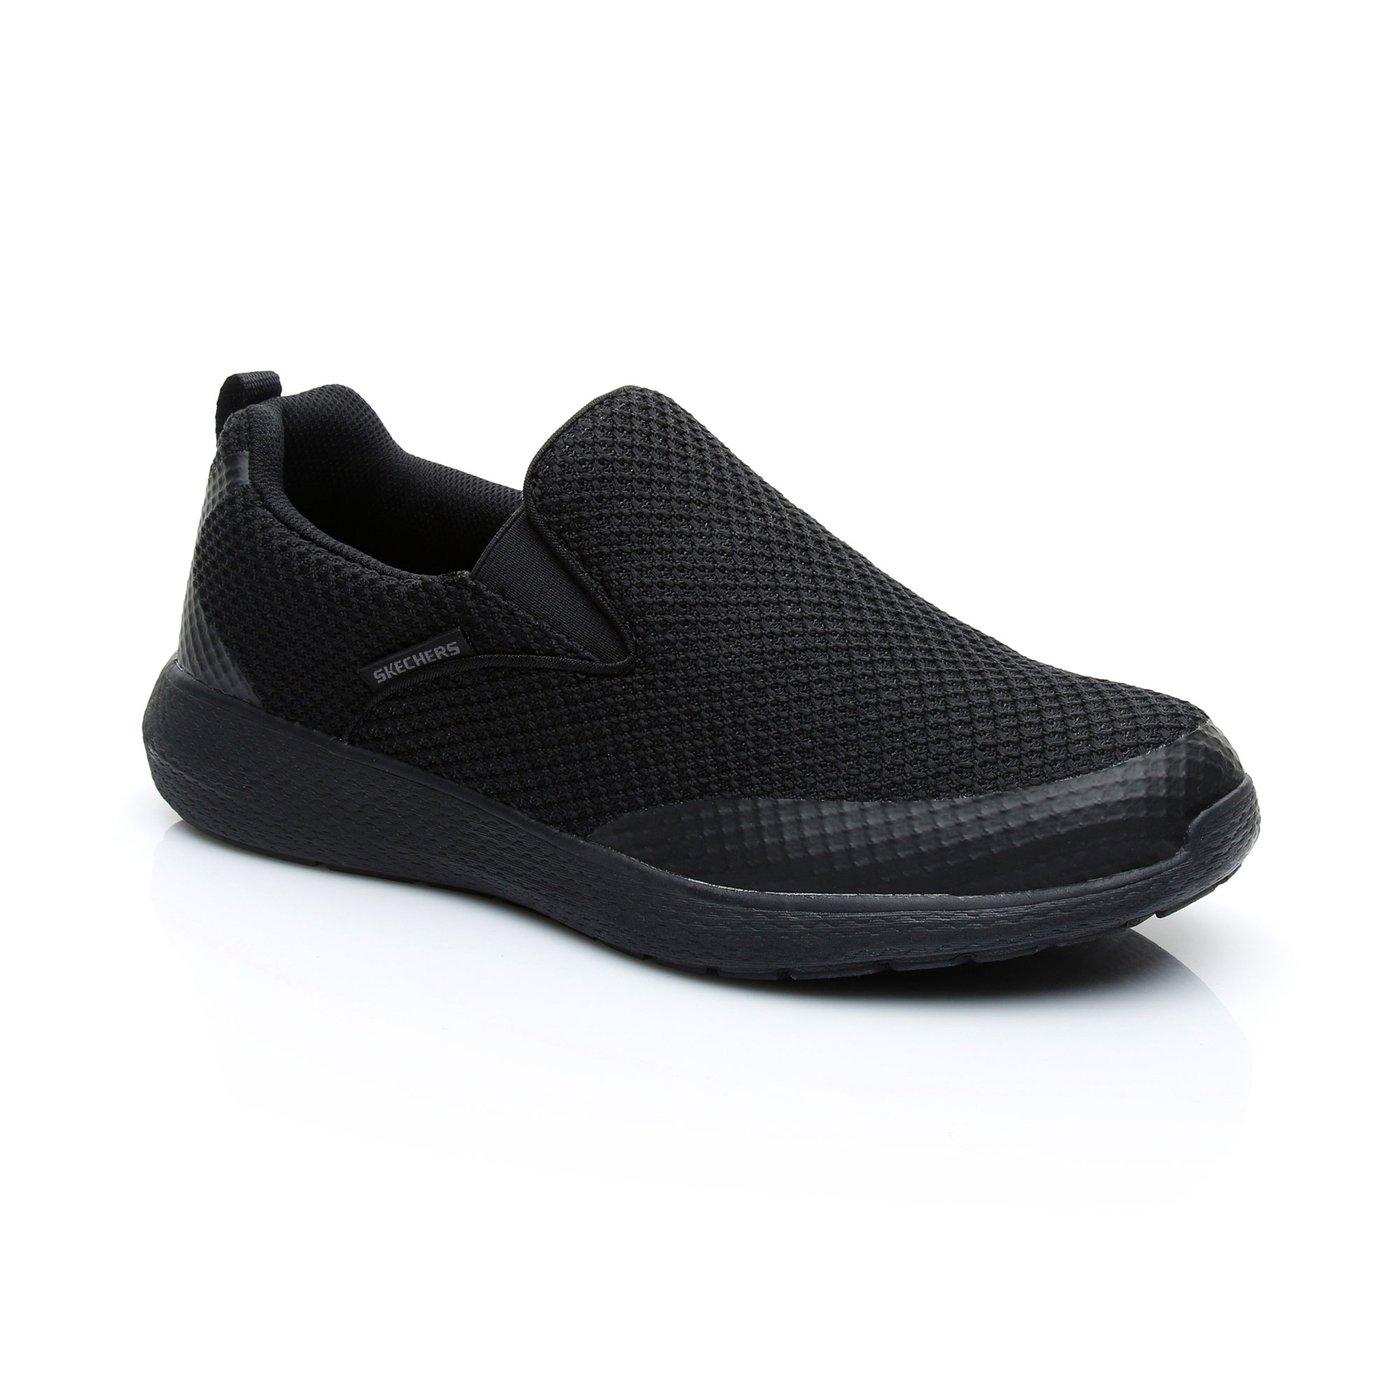 Skechers Kulow - Whitewater Erkek Siyah Spor Ayakkabı